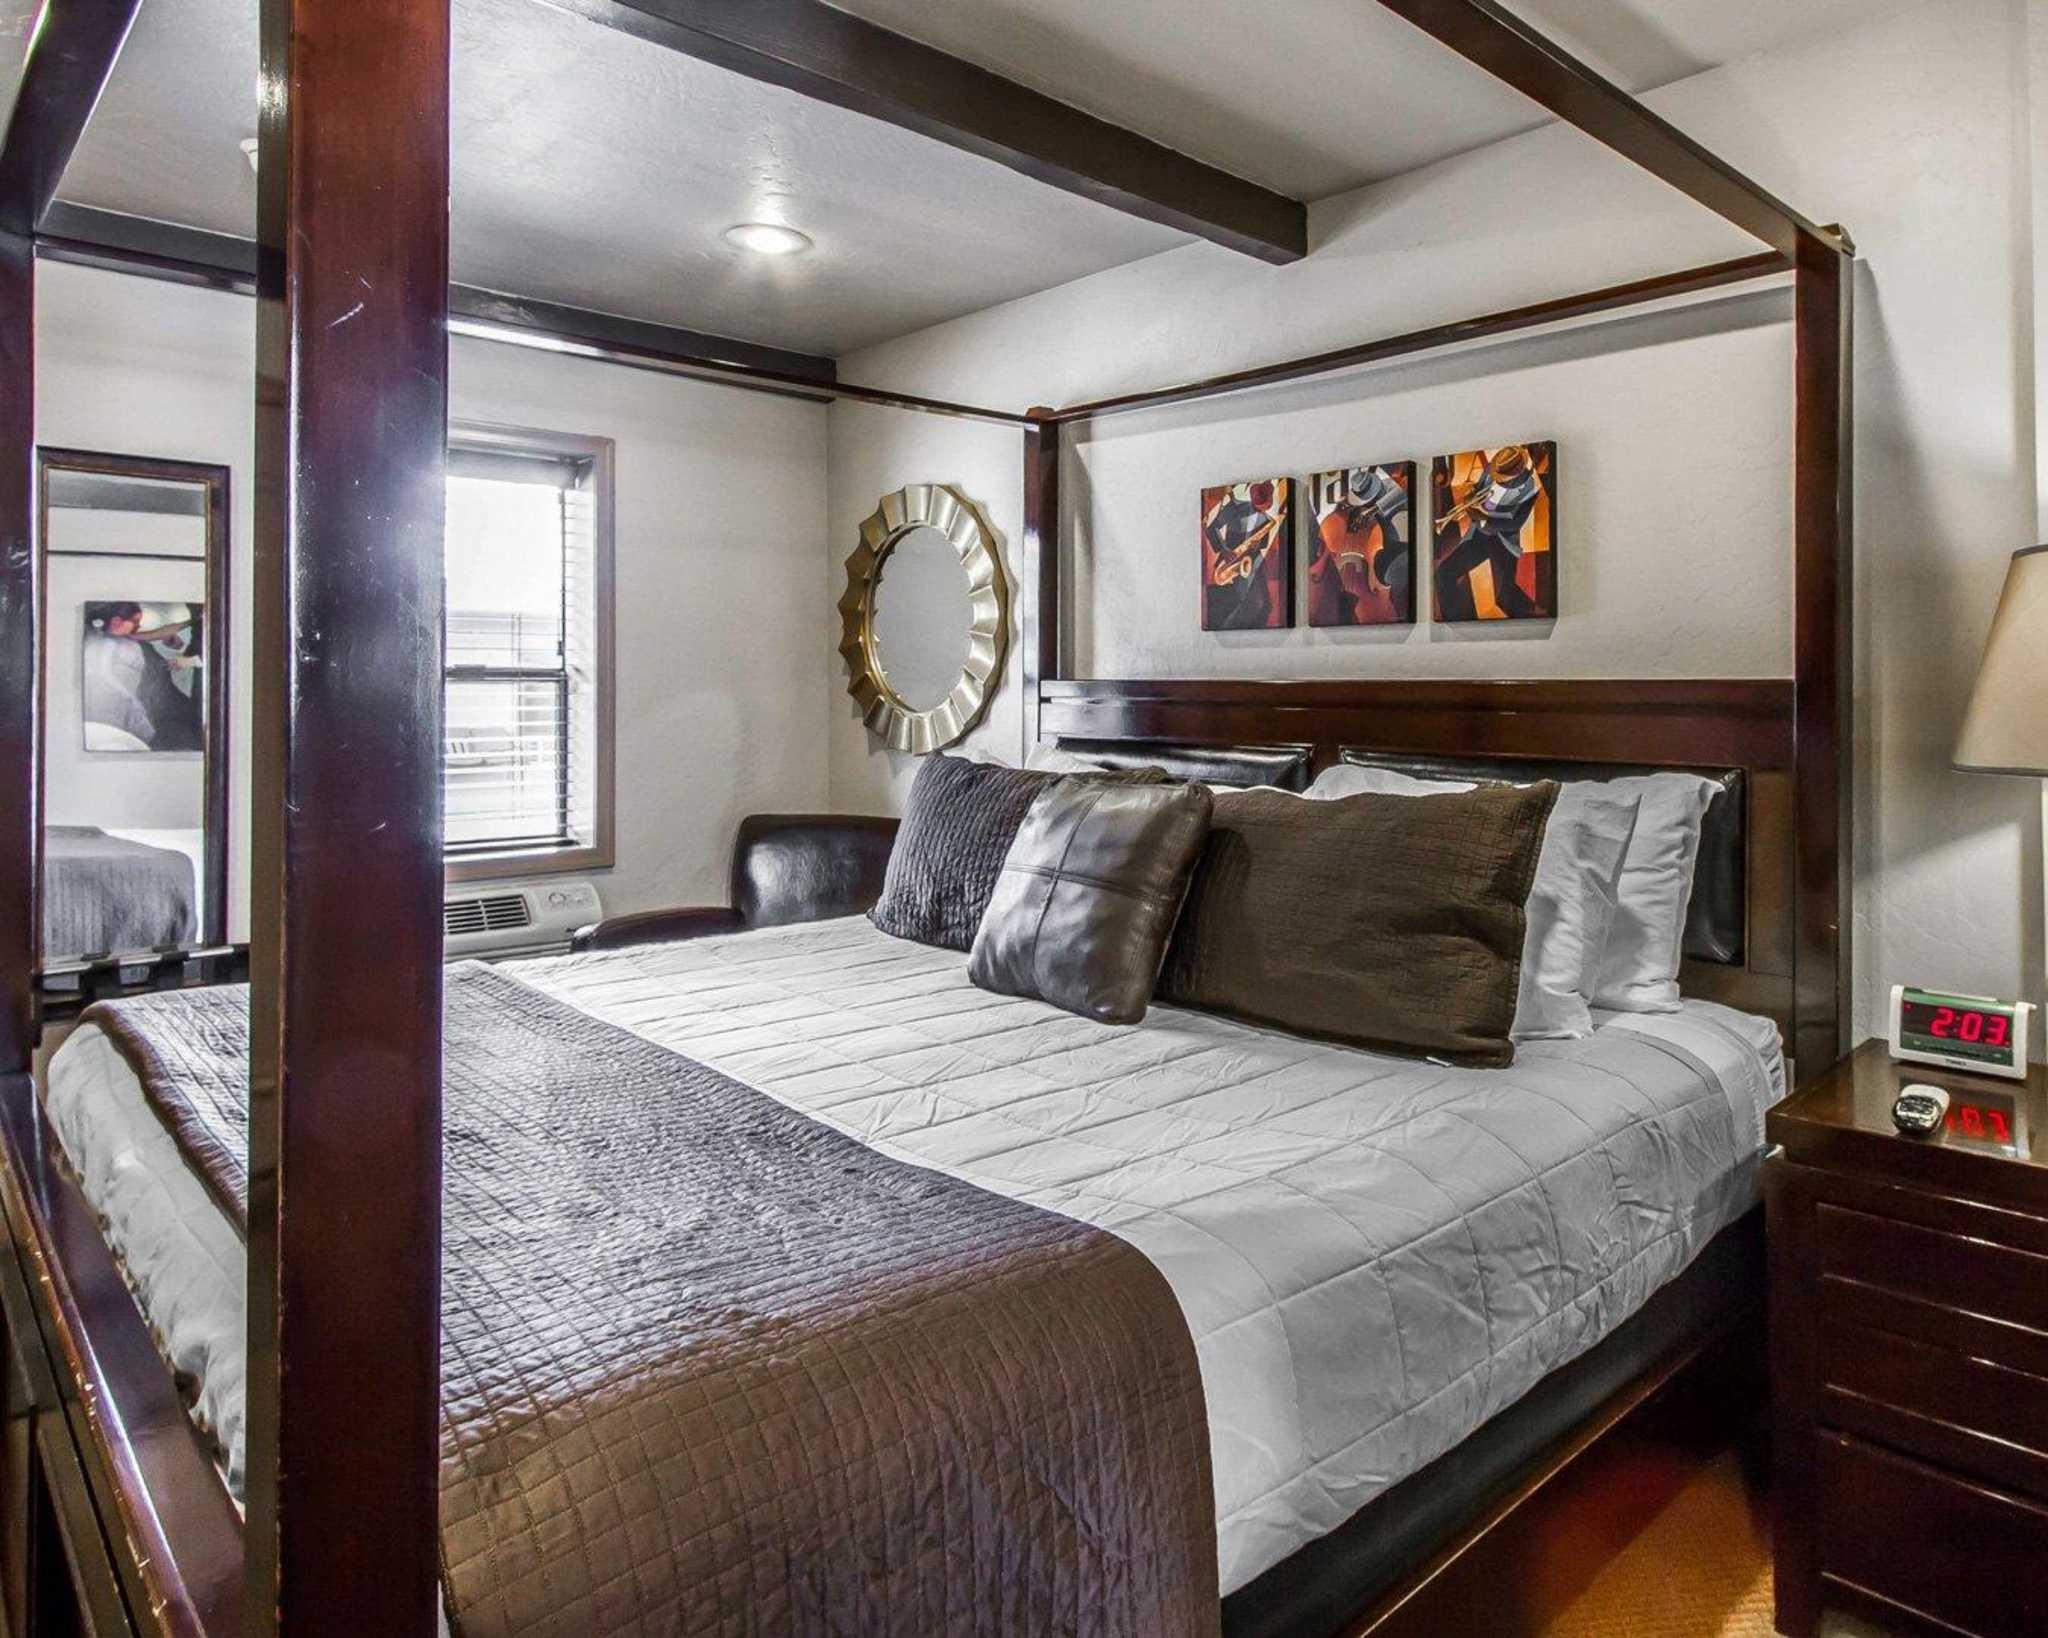 Rodeway Inn & Suites Downtowner-Rte 66 image 12